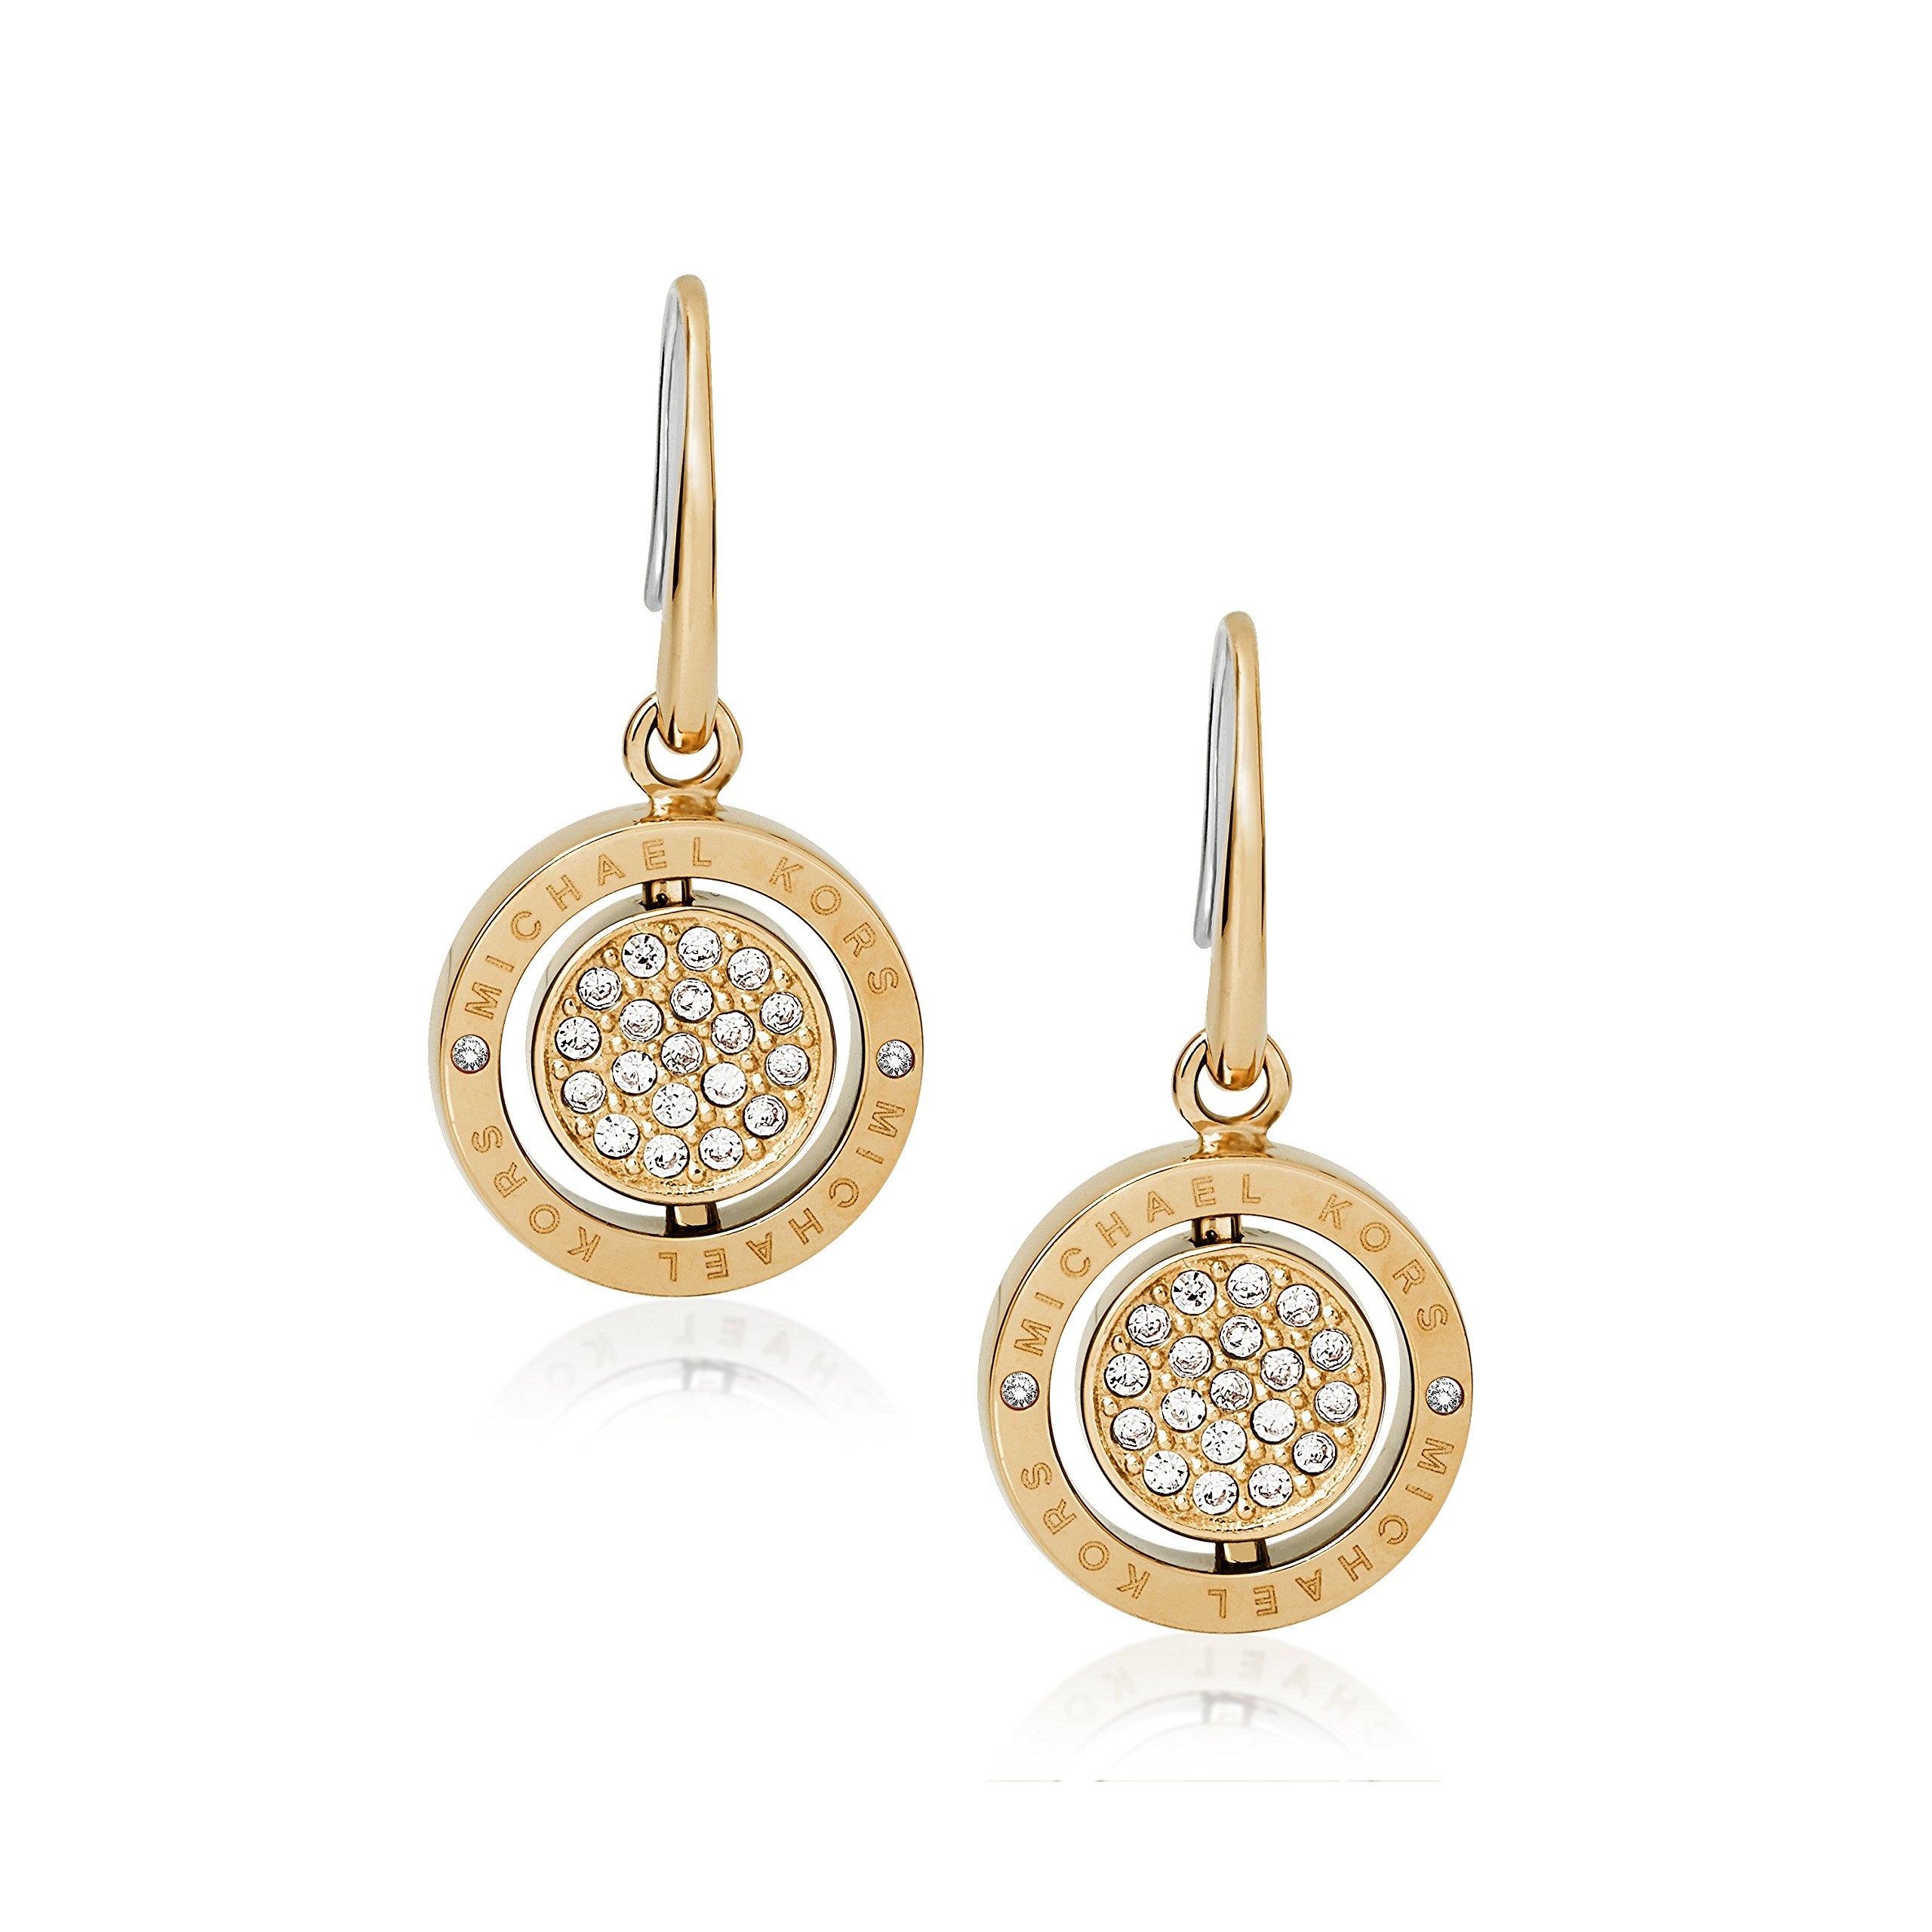 Michael Kors Flip Glitz Gold Tone Drop Earrings